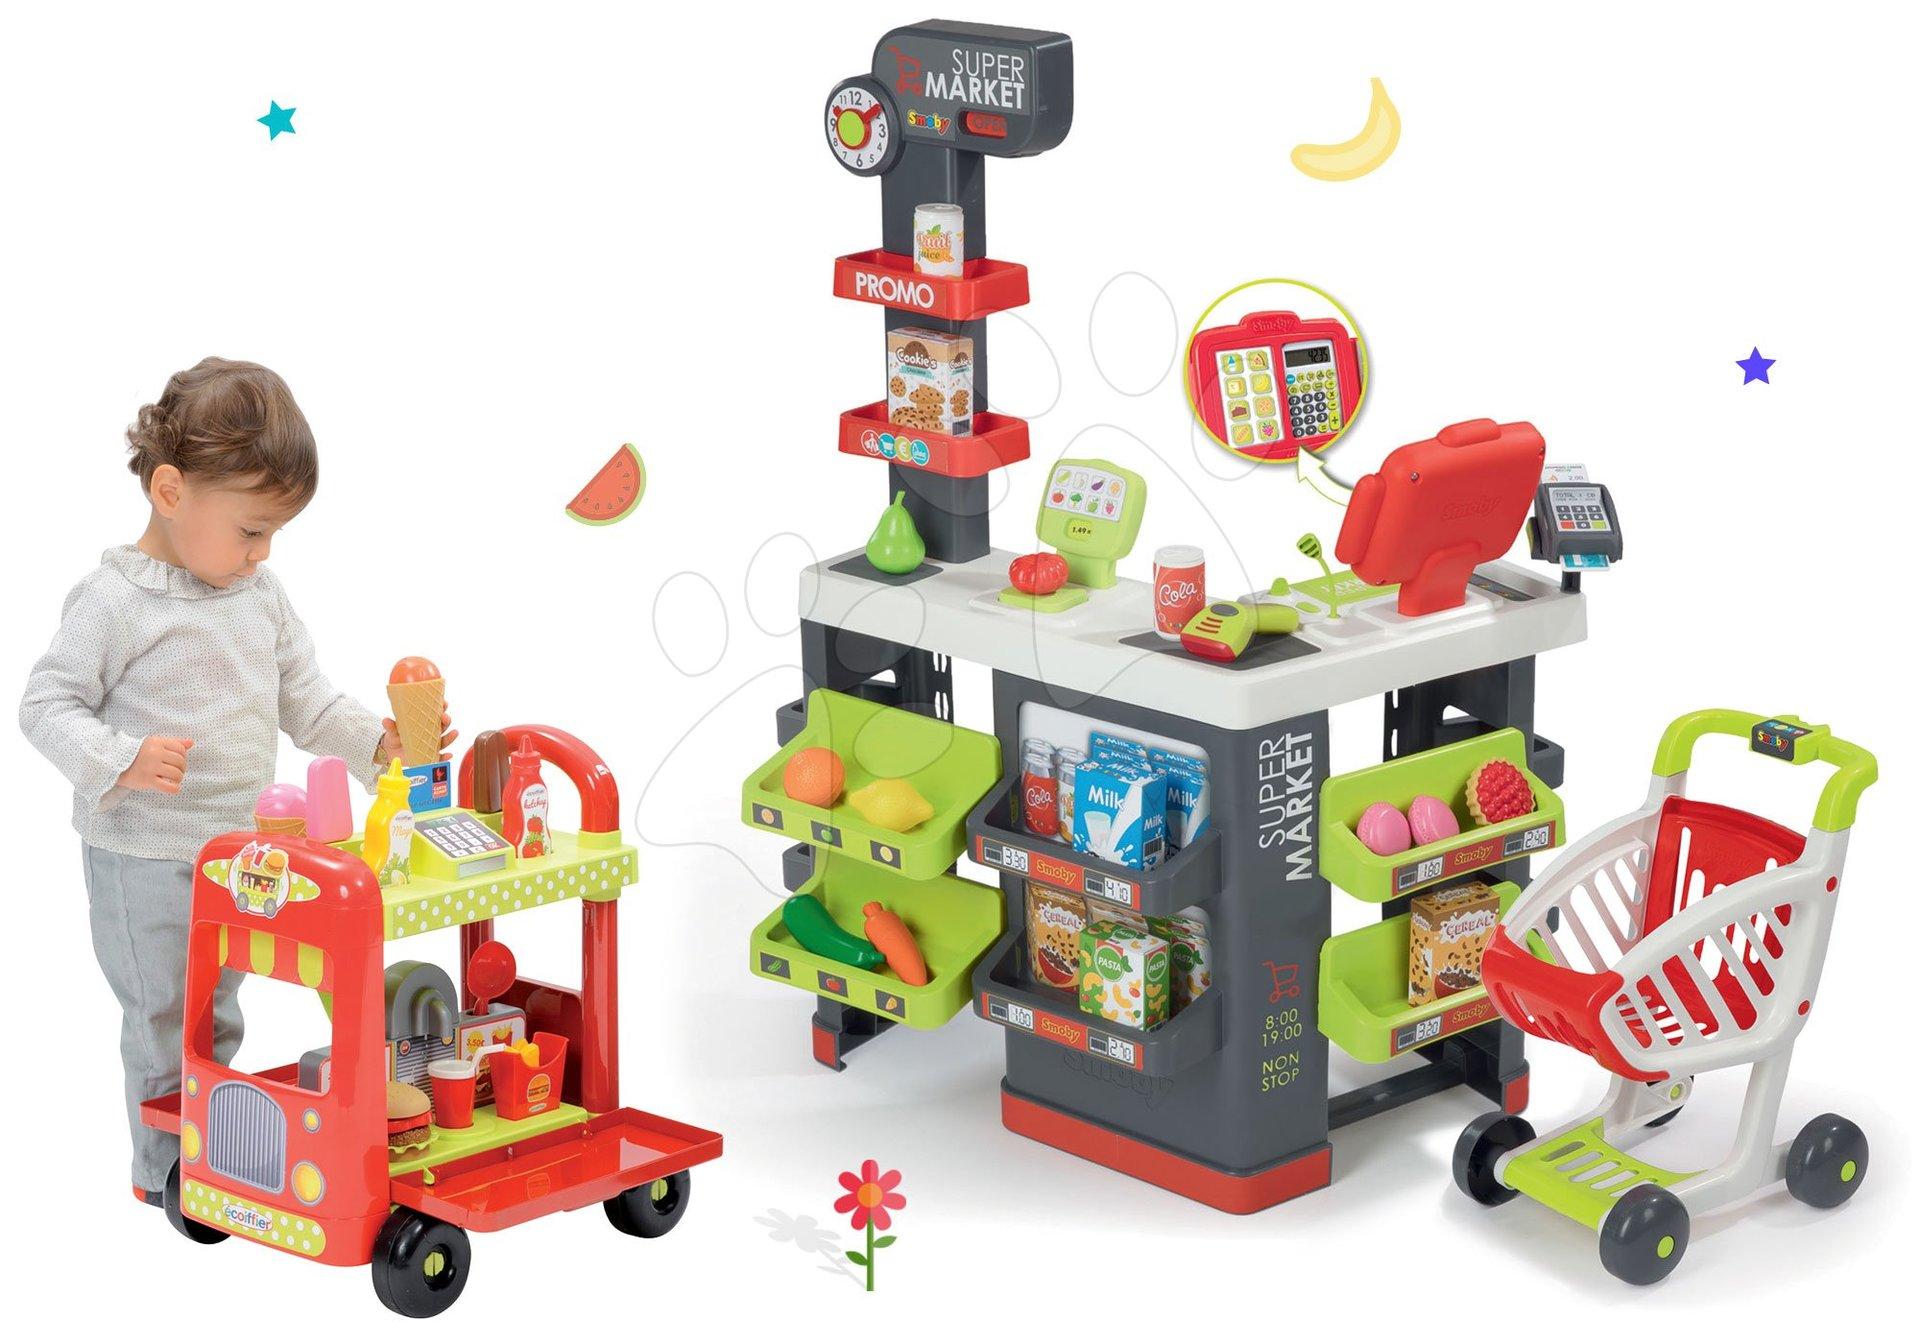 Smoby set obchod s vozíkem Supermarket a zmrzlinářský vozík s hamburgery 350213-5